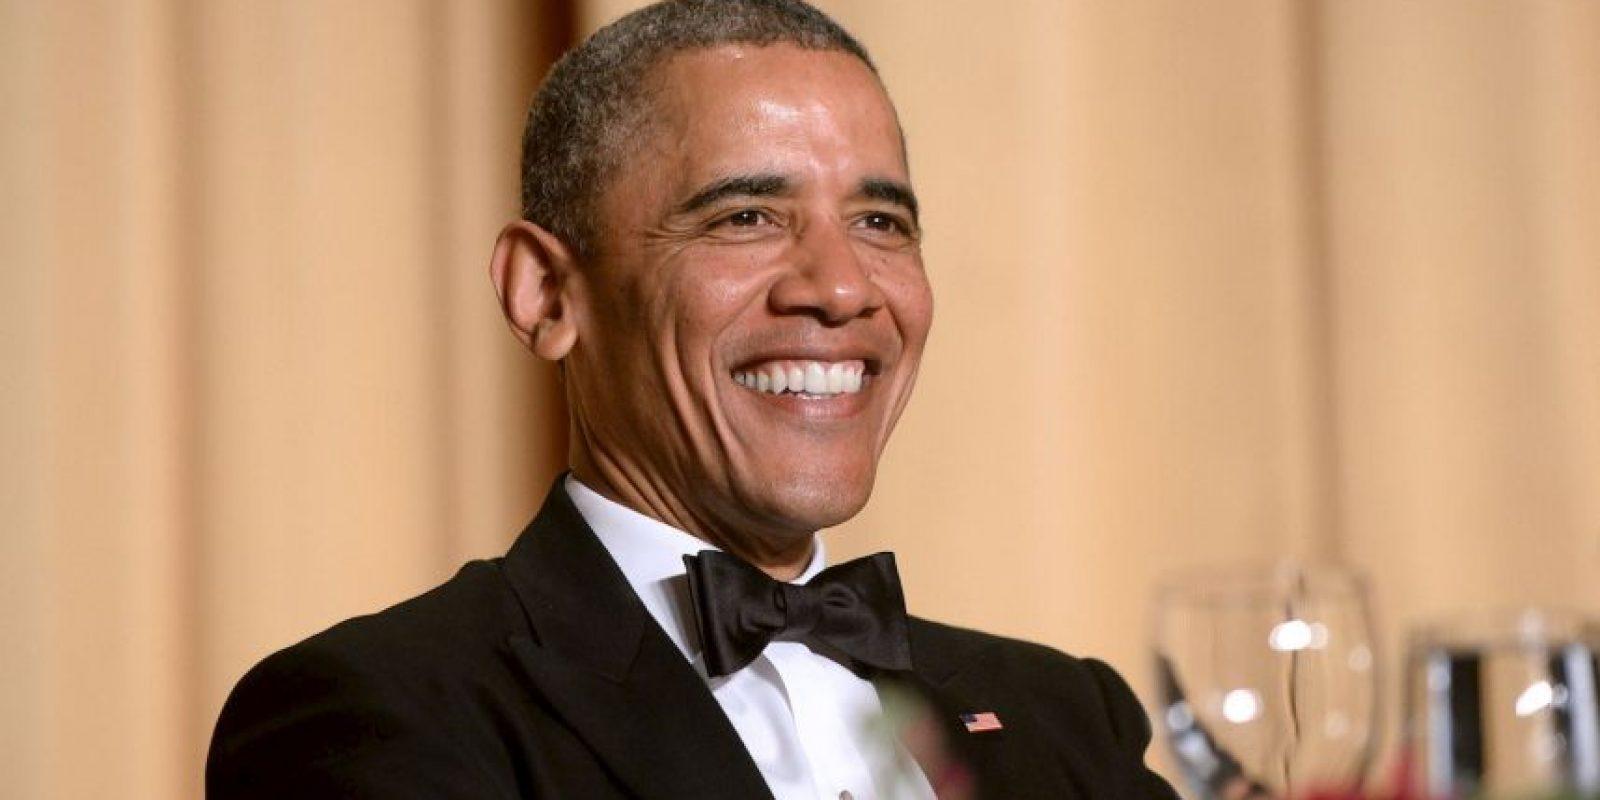 2. Este aseguró que desea luchar contra el cambio climático junto con su esposa Michelle Obama. Foto:Getty Images